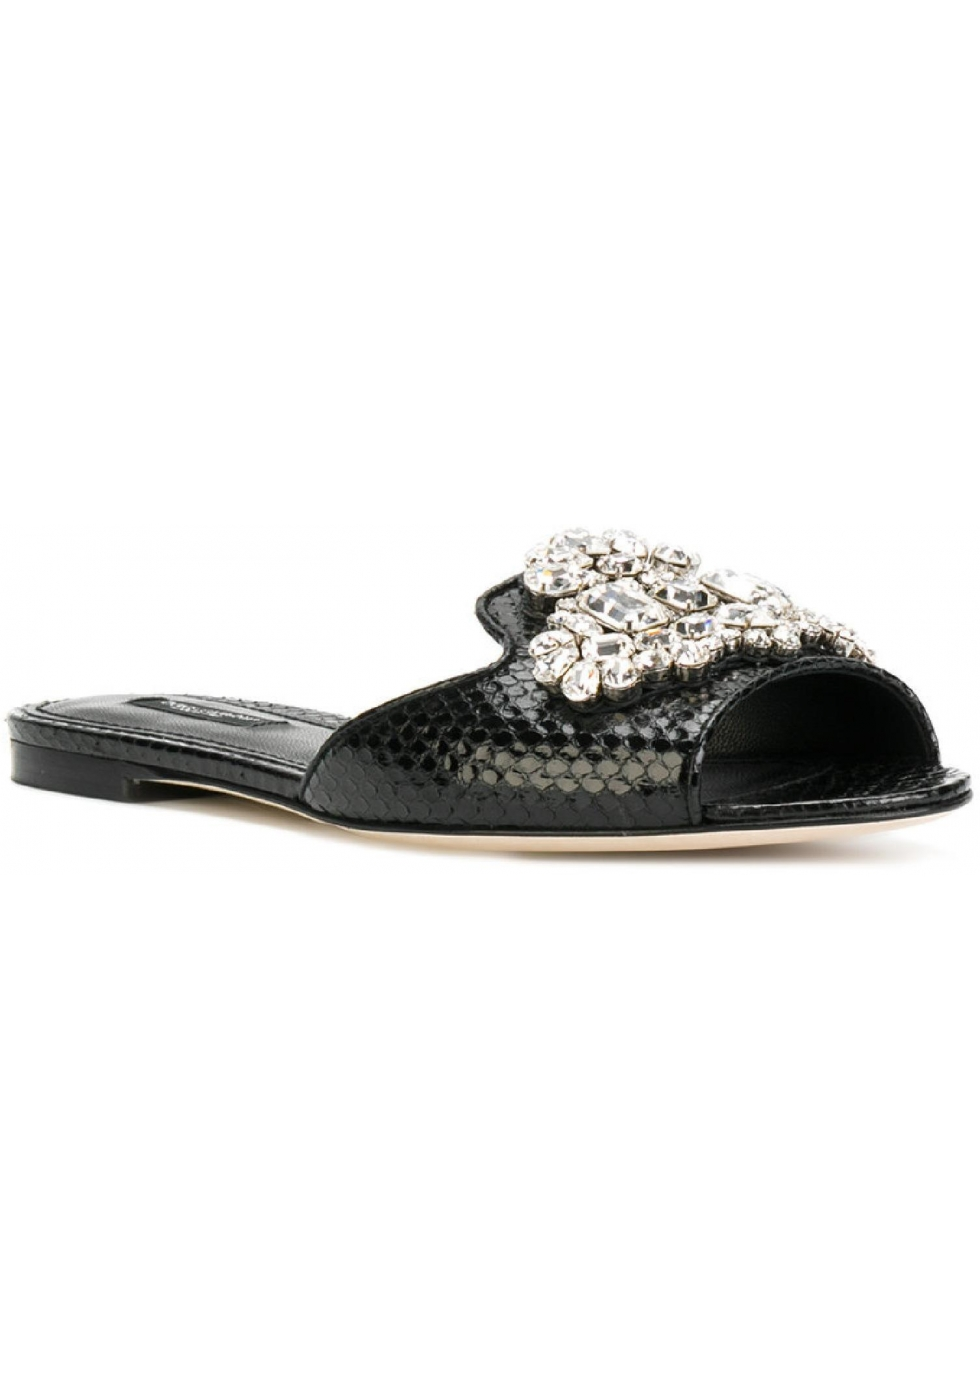 6fa97679b0a93a Ciabatte Dolce Gabbana in pelle di rettile nero con cristalli ...